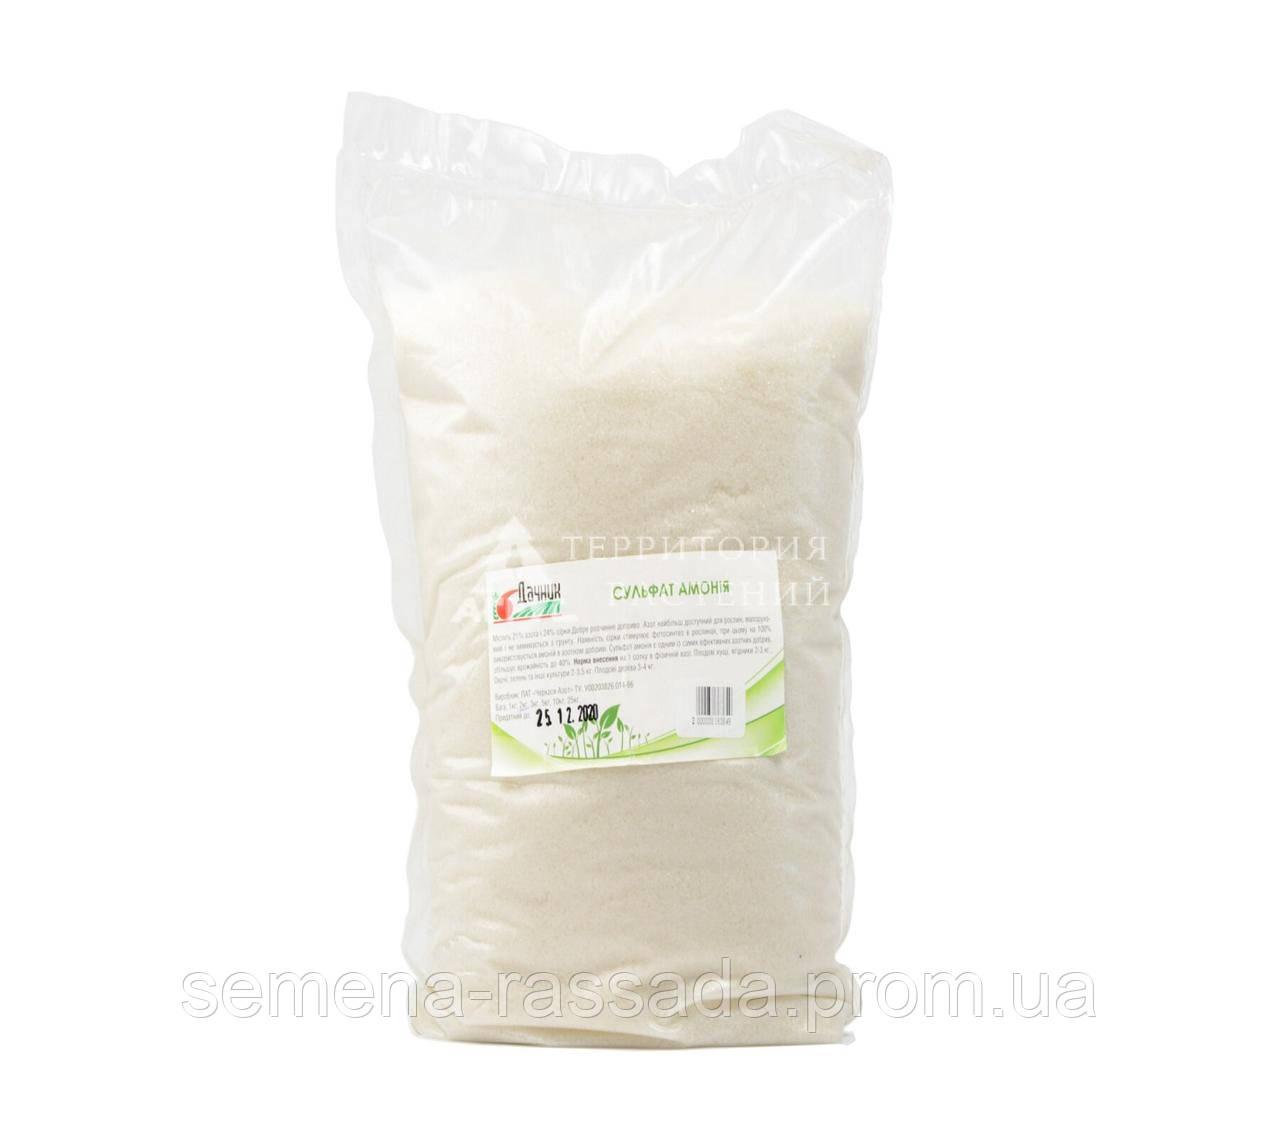 Сульфат аммония, 2 кг